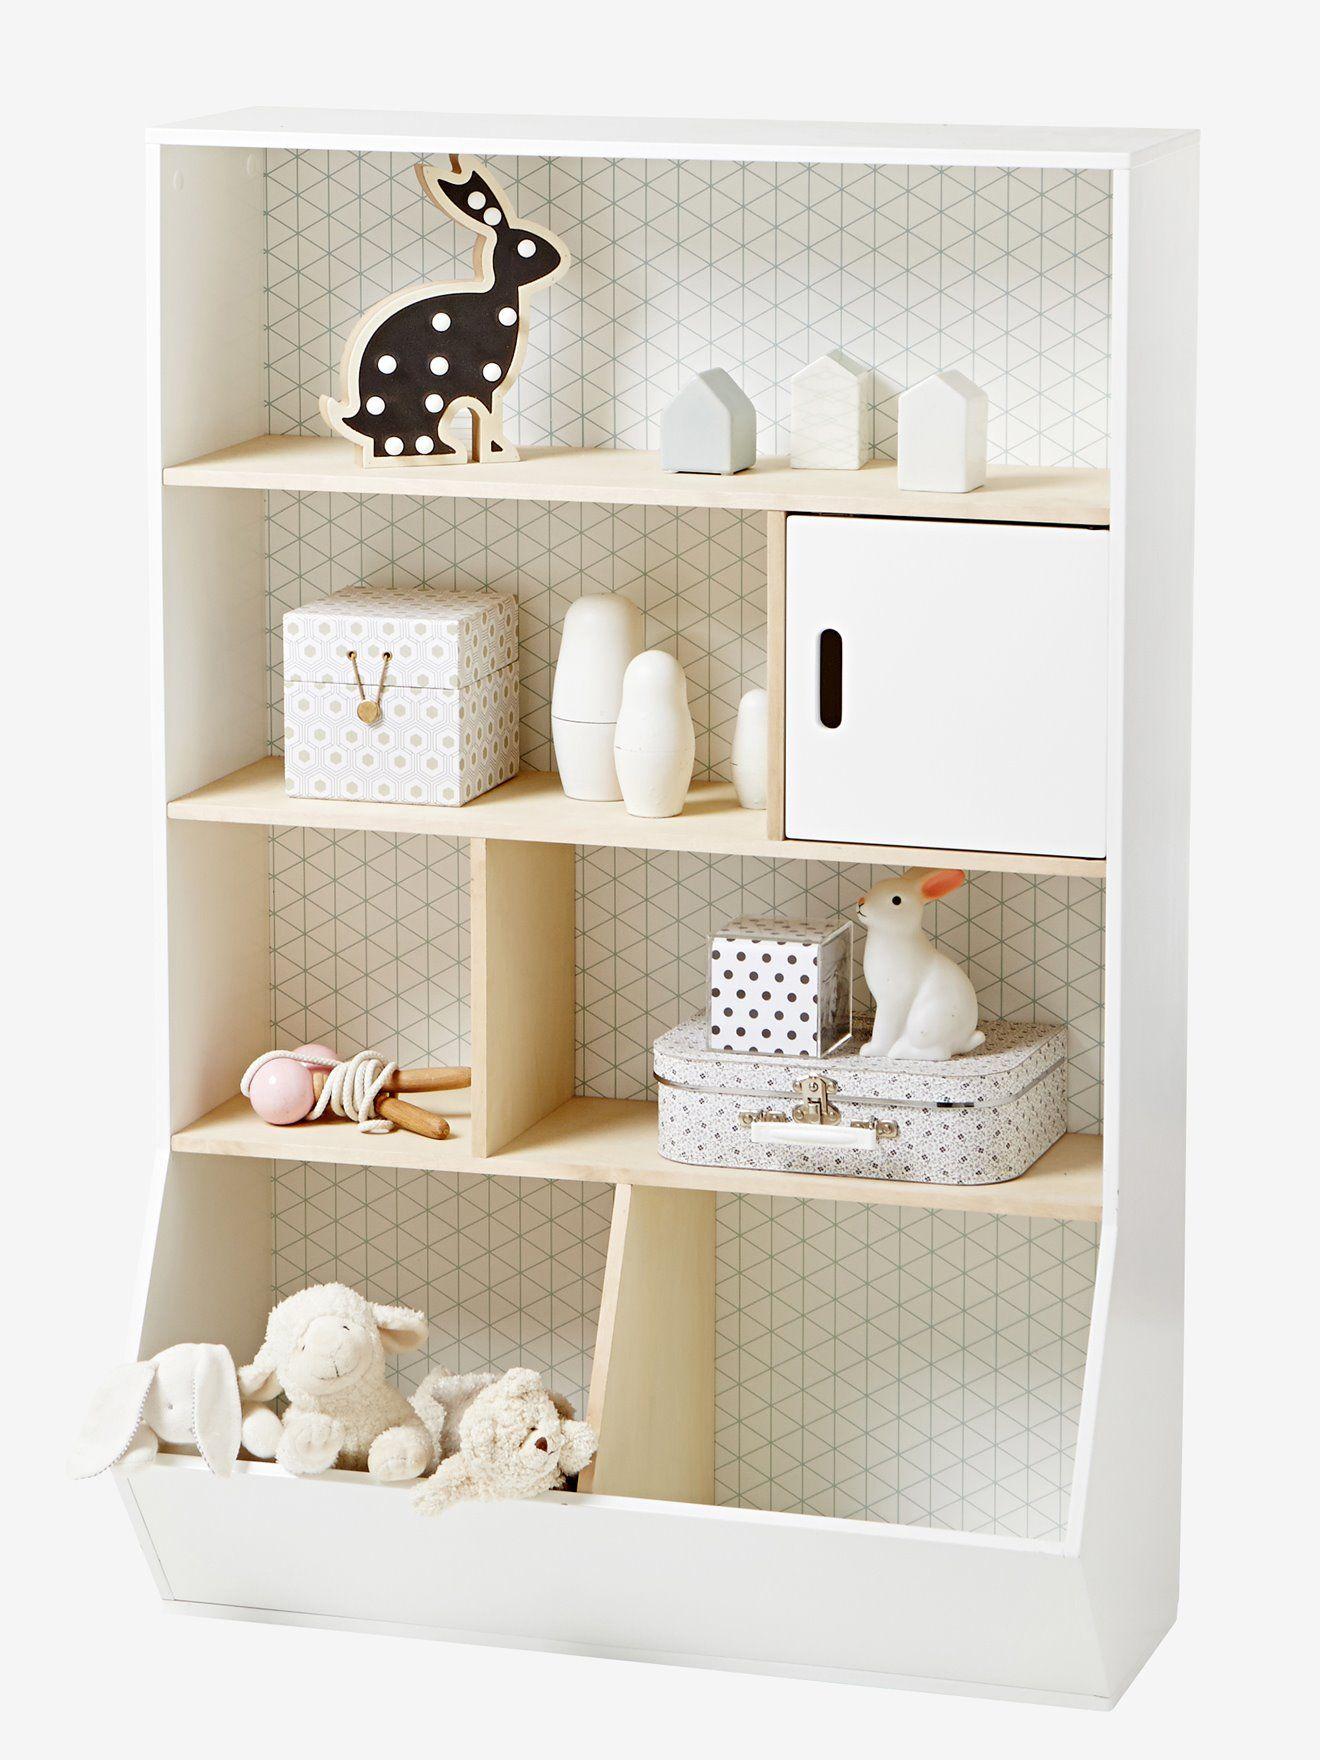 bucherregal kinderzimmer vertbaudet, regal für kinderzimmer von vertbaudet in weiß/natur - nur € 2,95, Design ideen